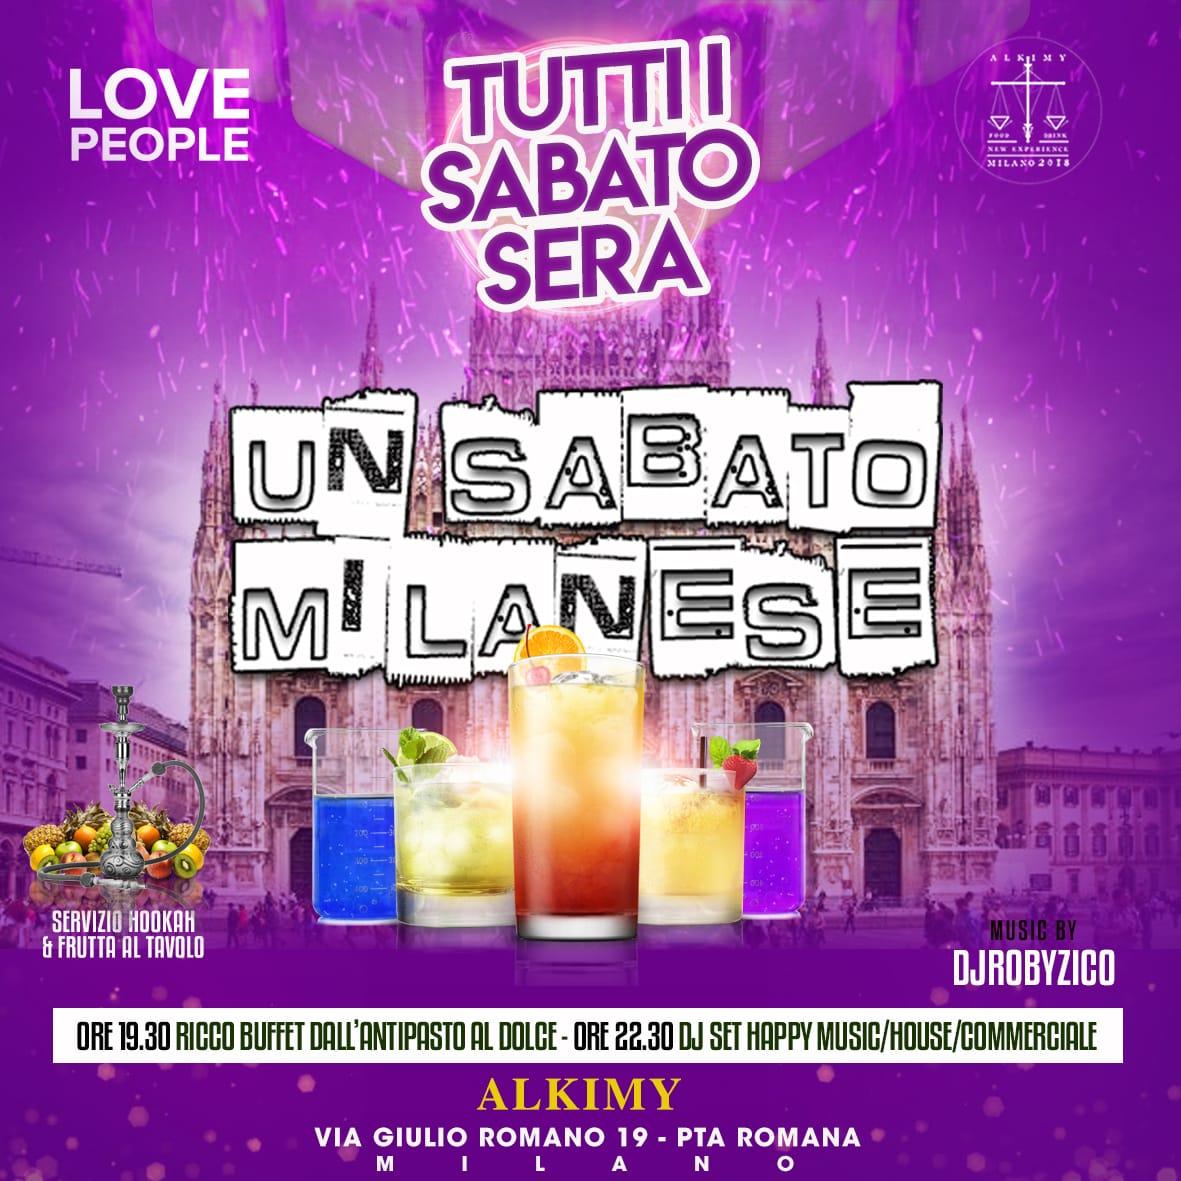 Un sabato milanese